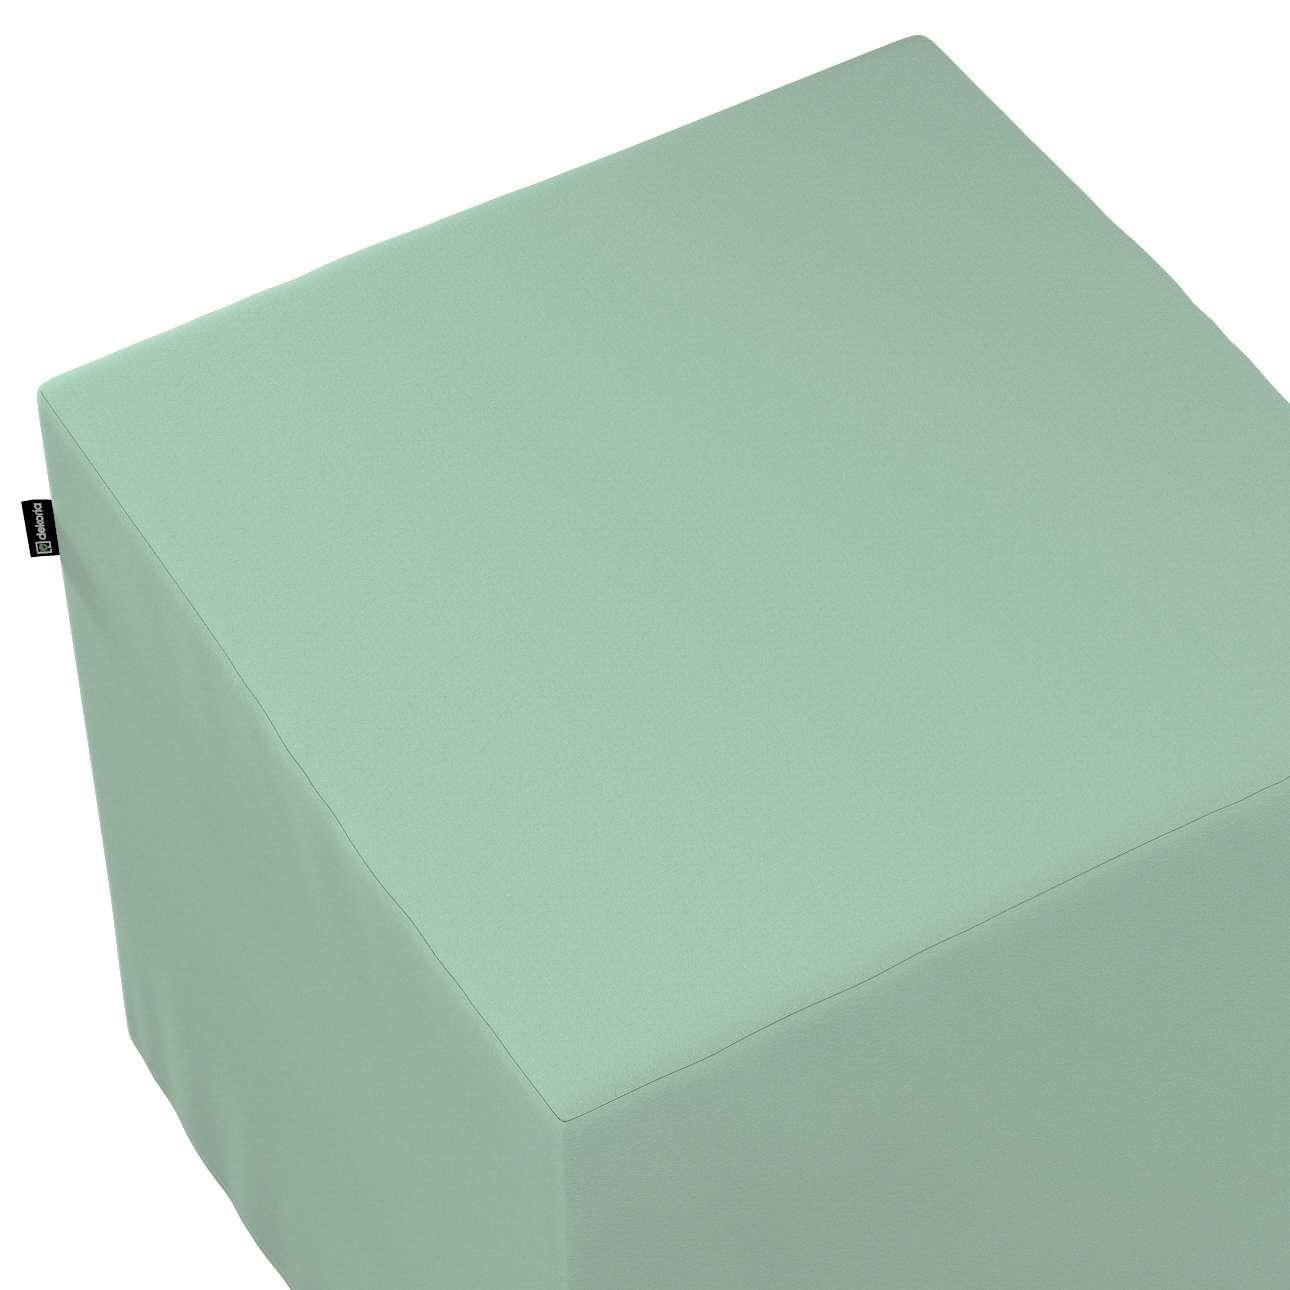 Taburetka tvrdá, kocka V kolekcii Loneta, tkanina: 133-61